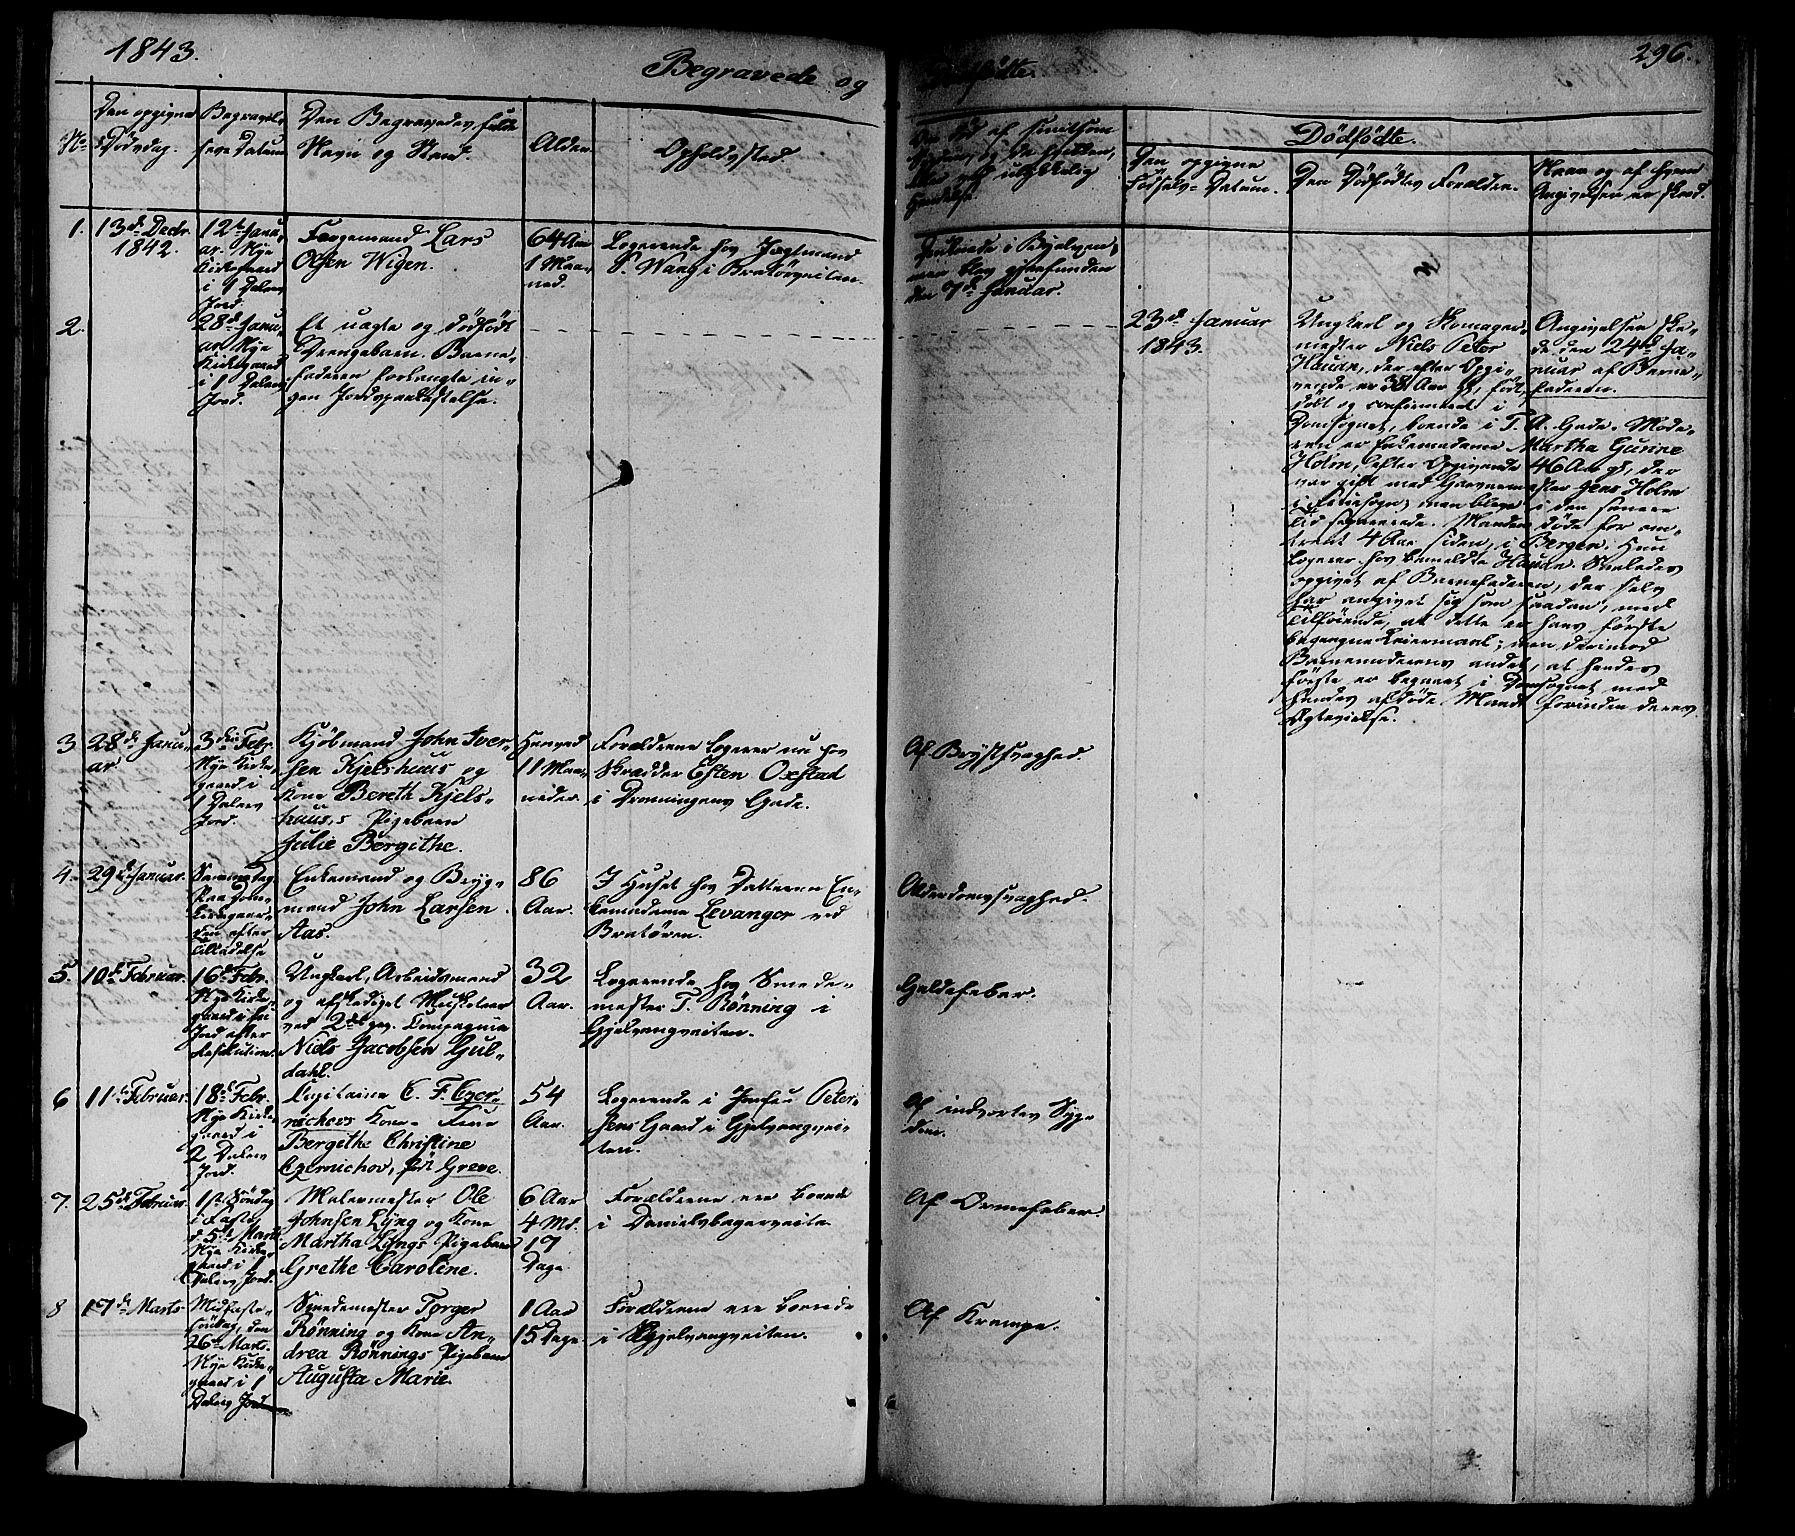 SAT, Ministerialprotokoller, klokkerbøker og fødselsregistre - Sør-Trøndelag, 602/L0136: Klokkerbok nr. 602C04, 1833-1845, s. 296